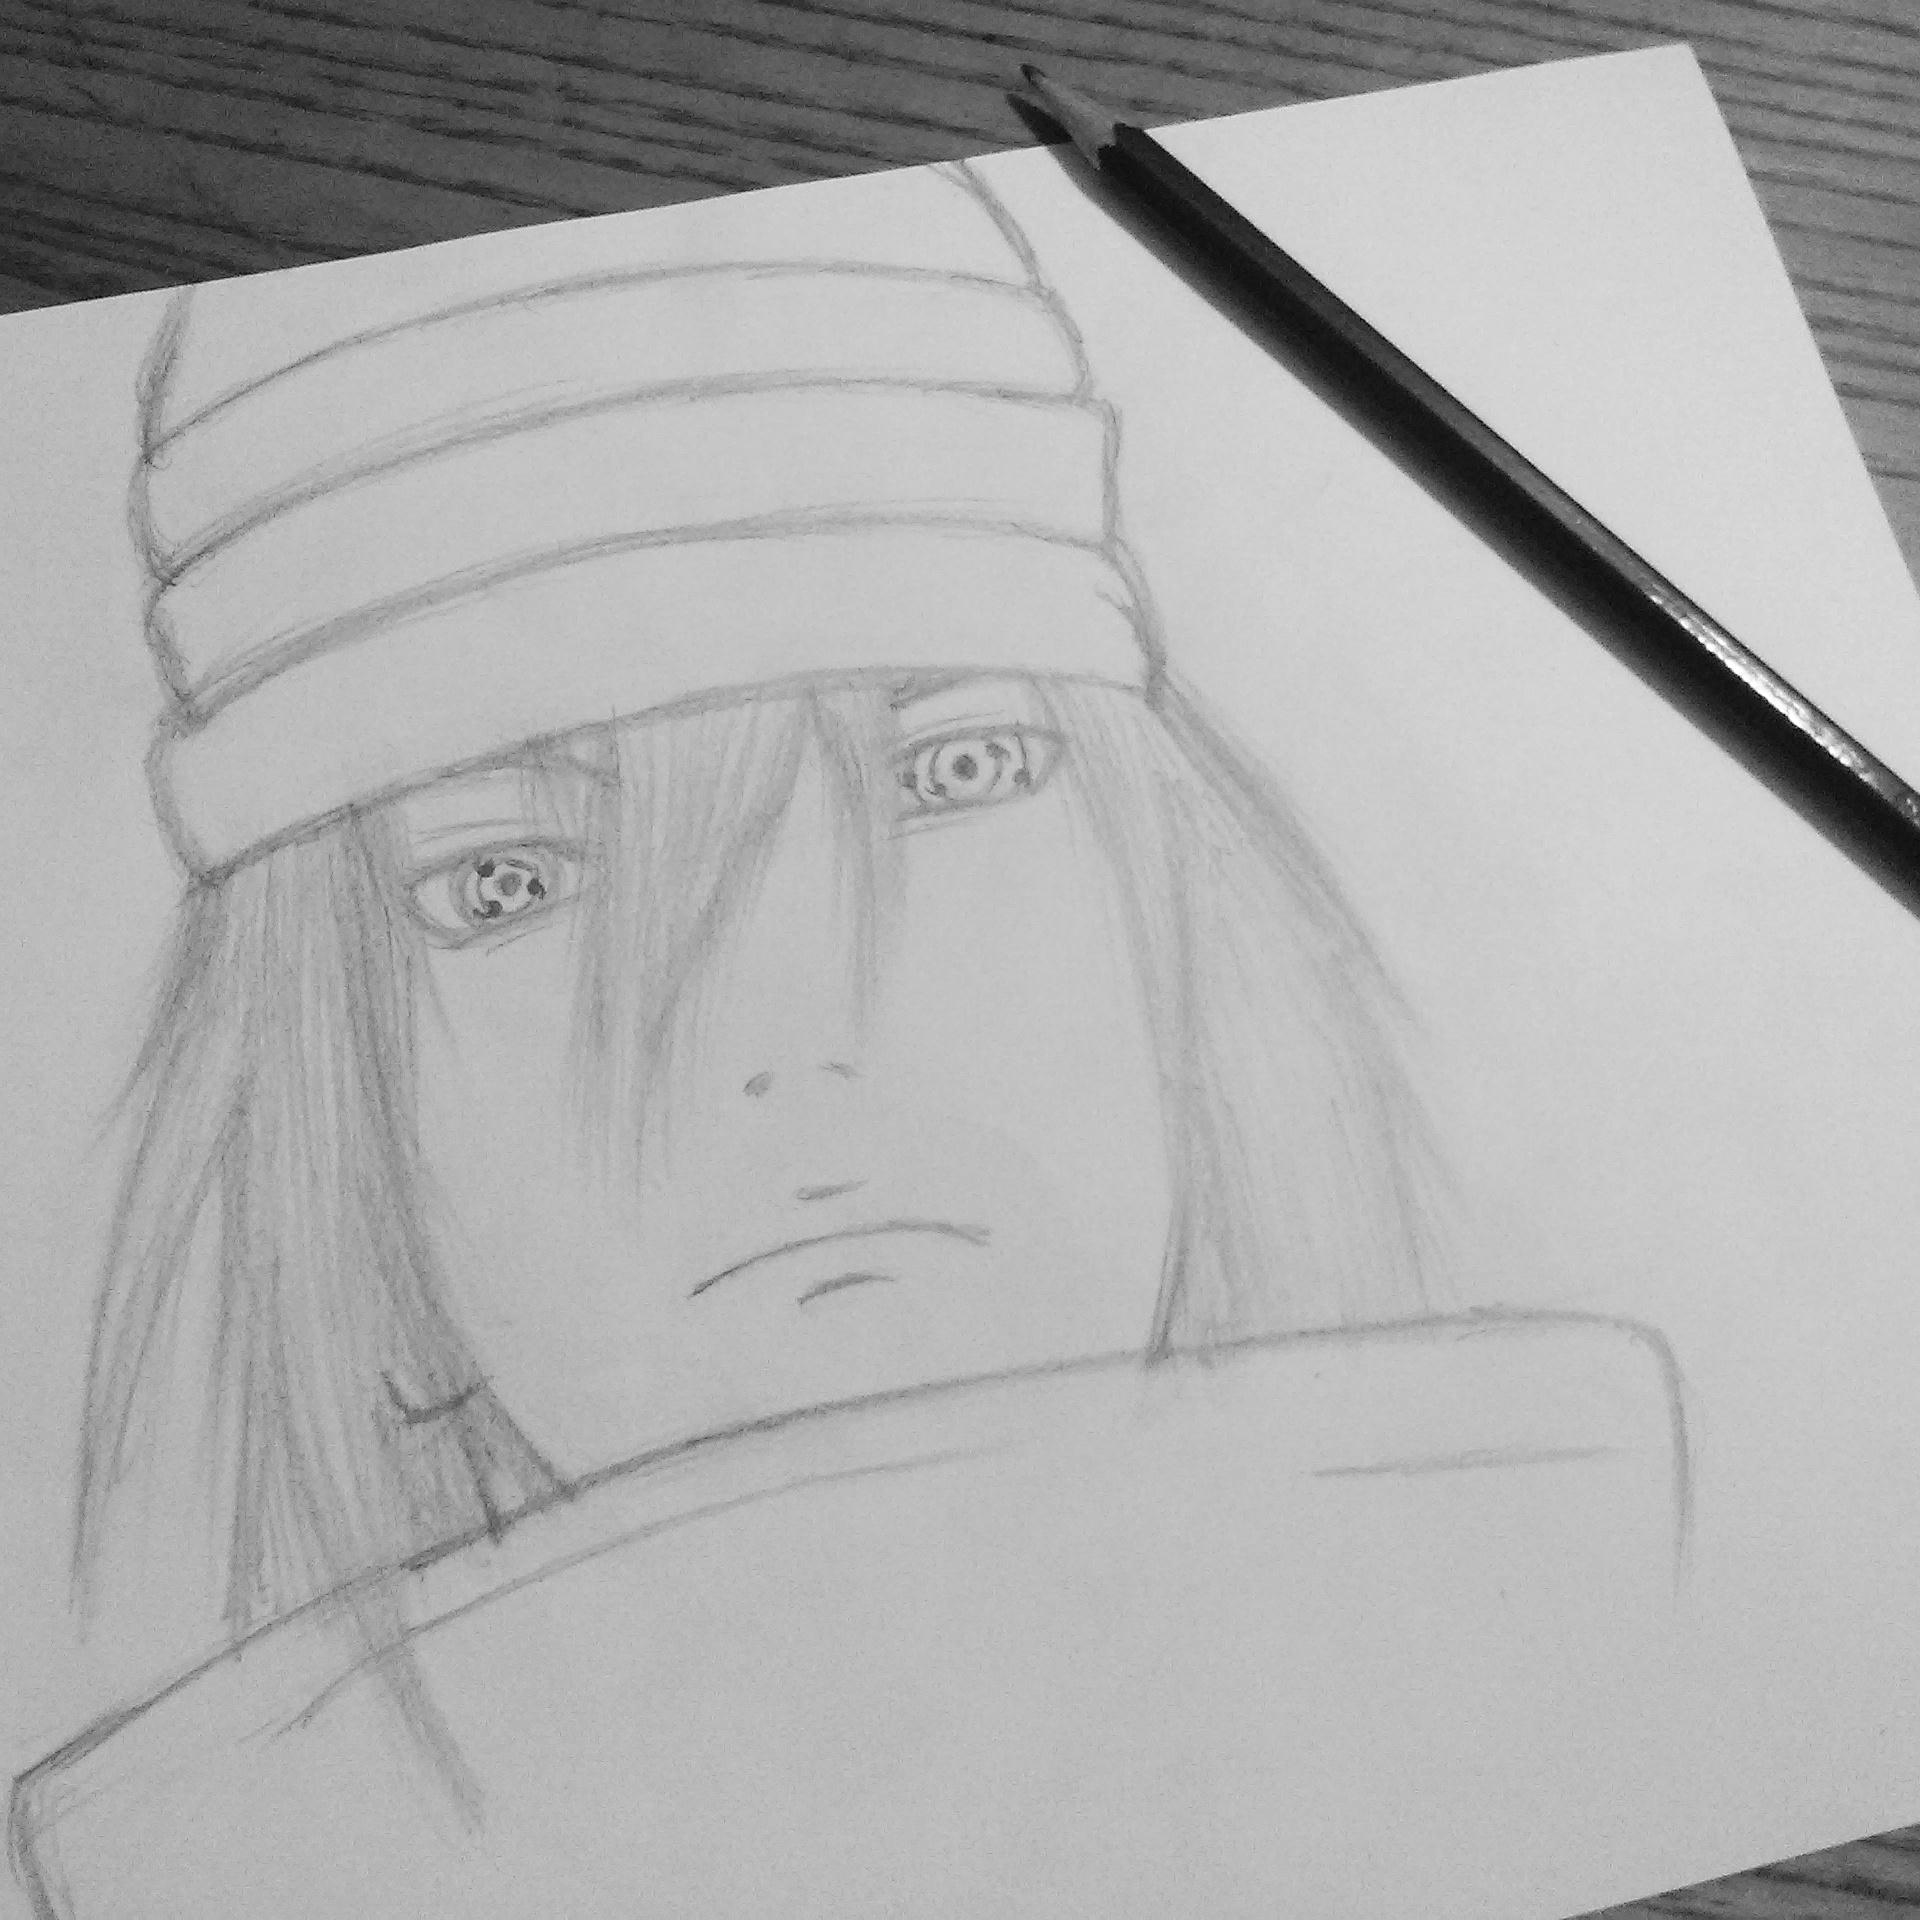 Sasuke Uchiha drawing by InvisibleIS